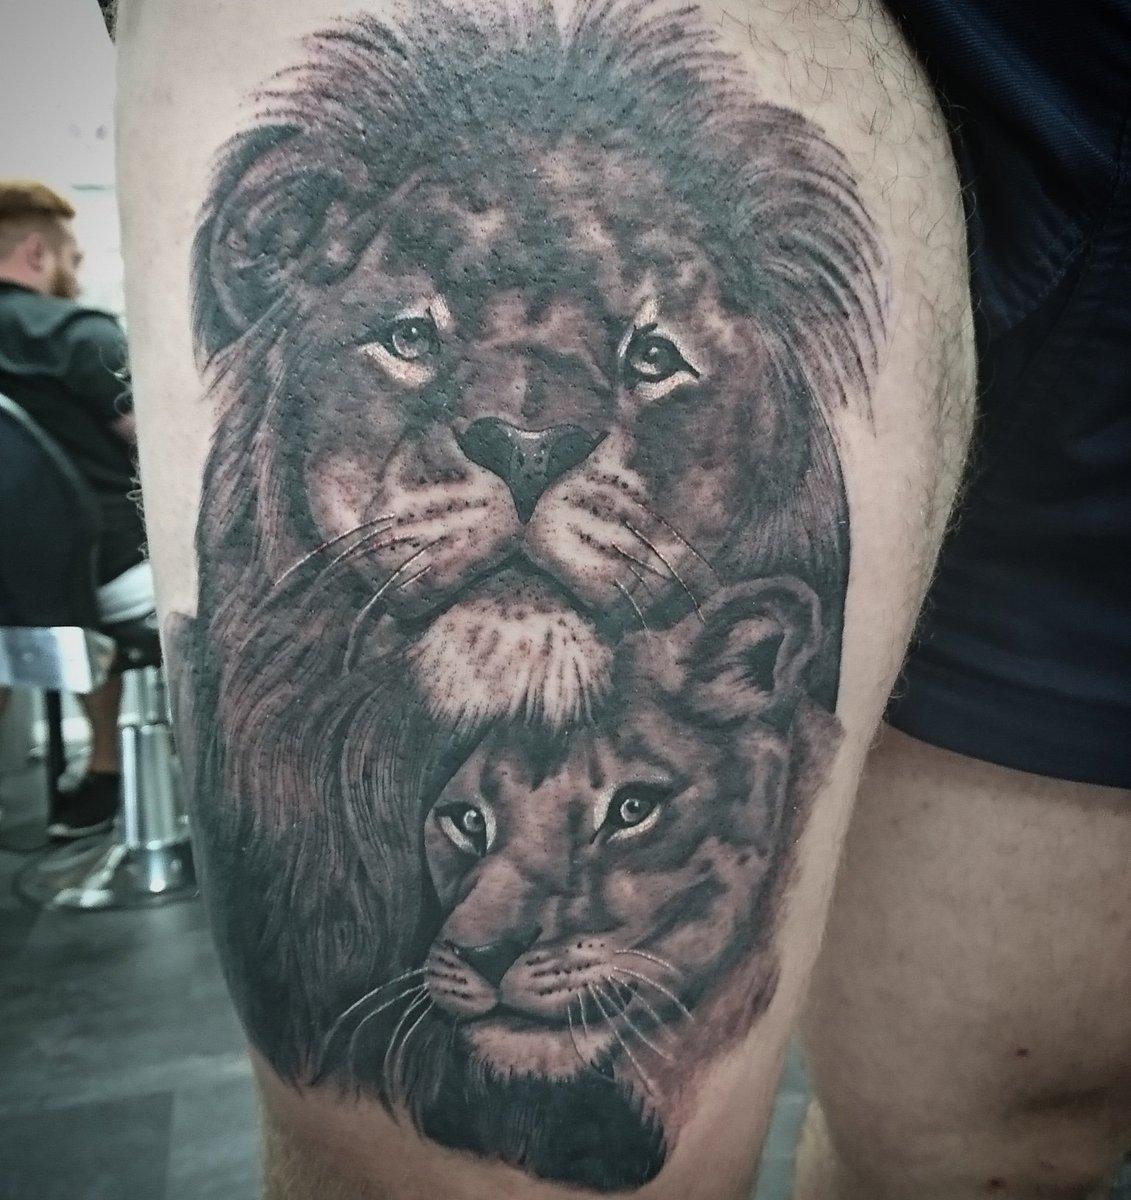 0aac0cefa30f7 #tattooist #tattooartist #liontattoo #blackandgreytattoo #lionesstattoo  #tattooshop #point2point #erith #kent #southlondonpic.twitter.com/HGNva4mOmf